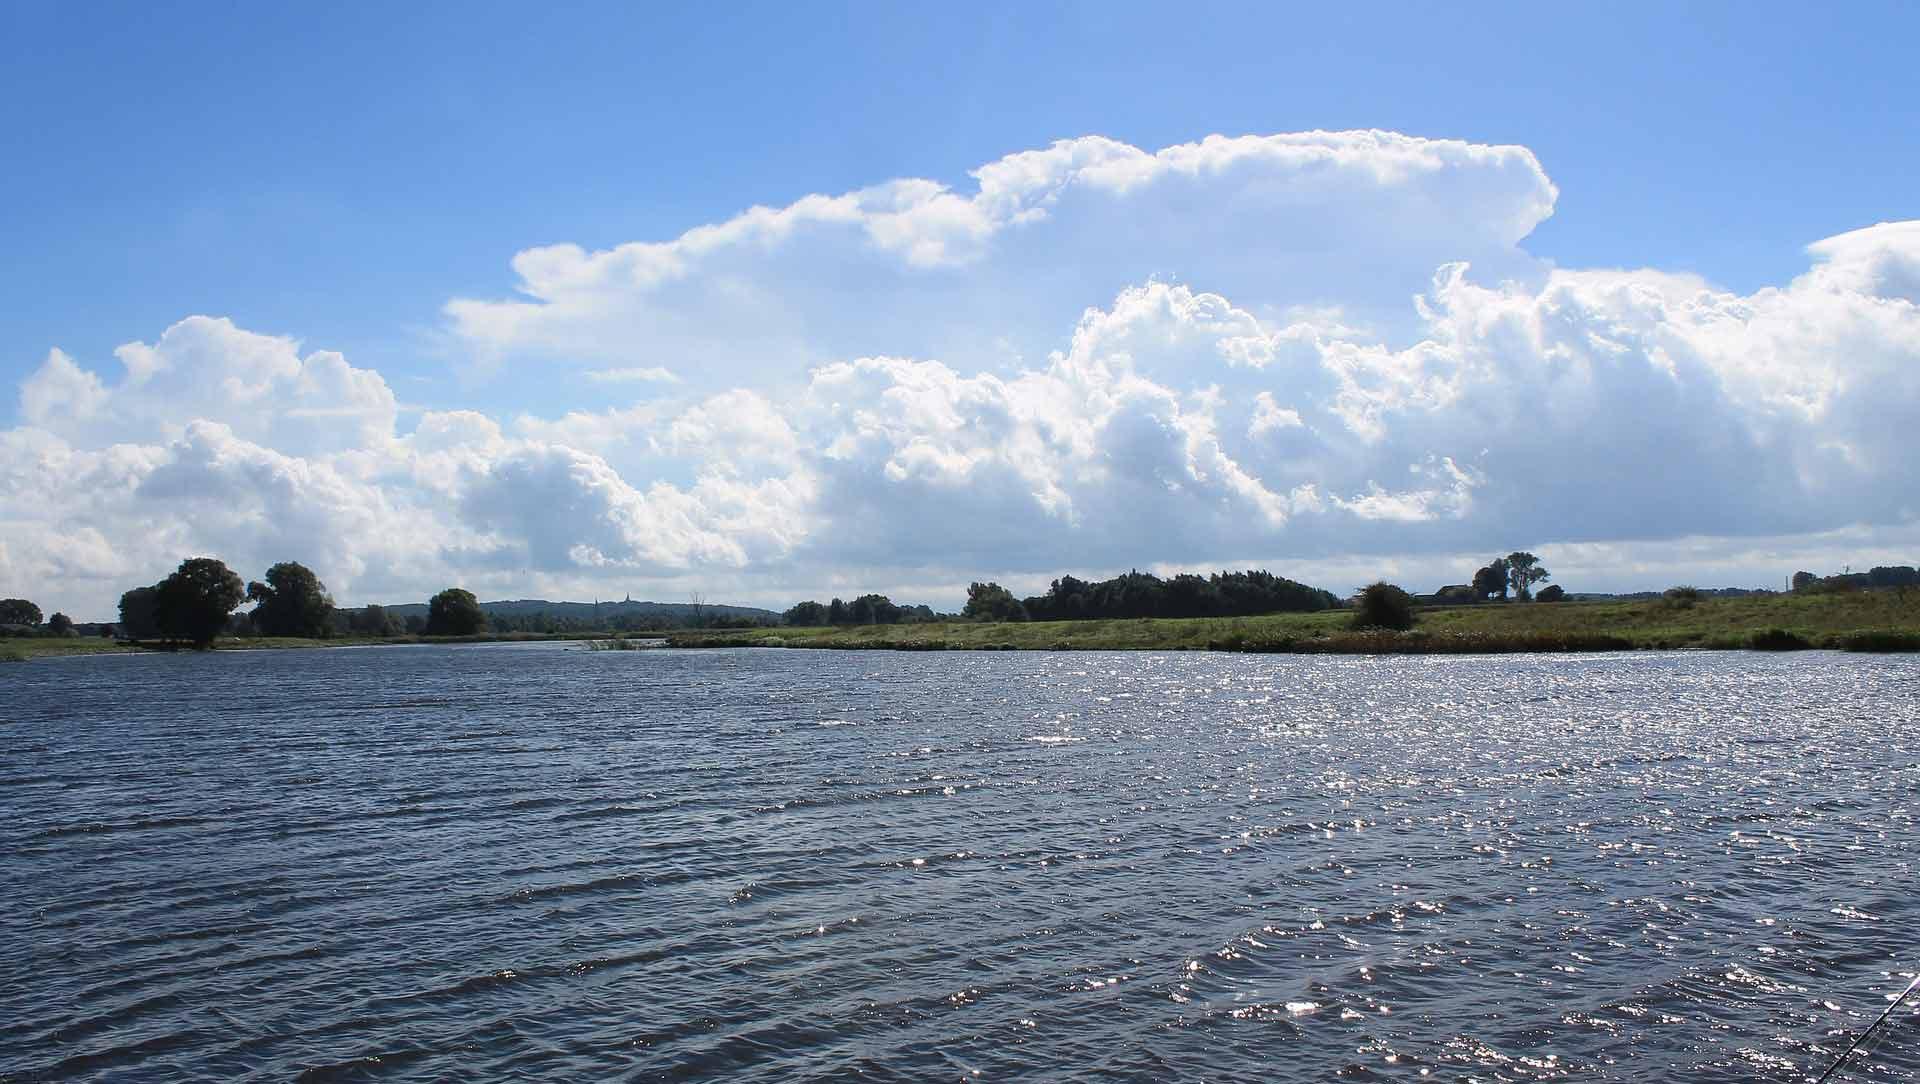 Weids landschap aan de Niederrhein.